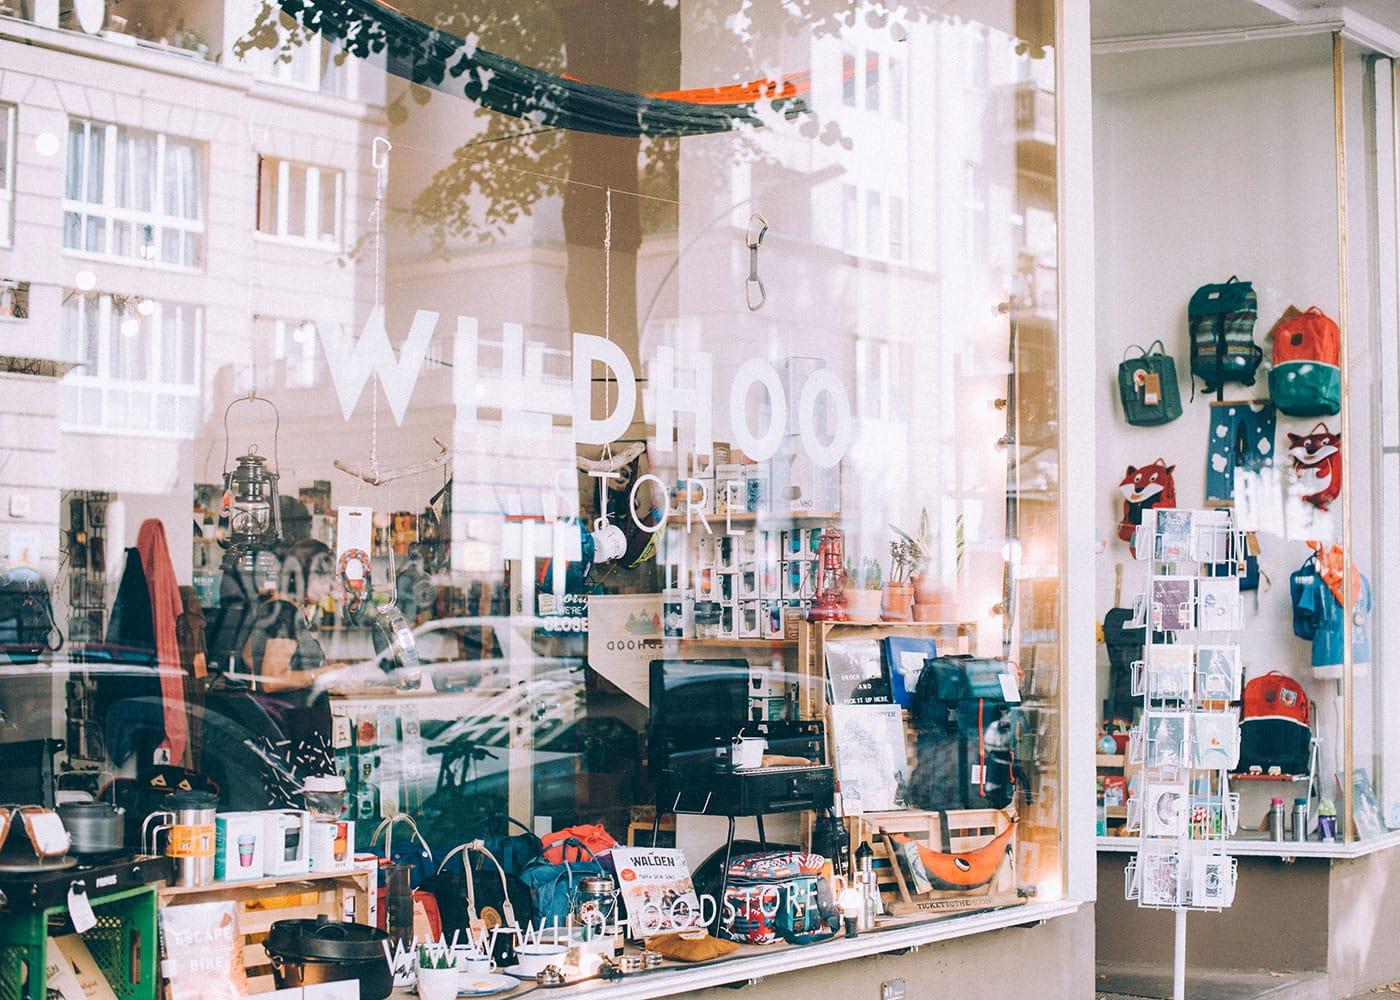 Nachhaltige Schulsachen vom WILDHOOD Store in Berlin-Neukölln // HIMBEER